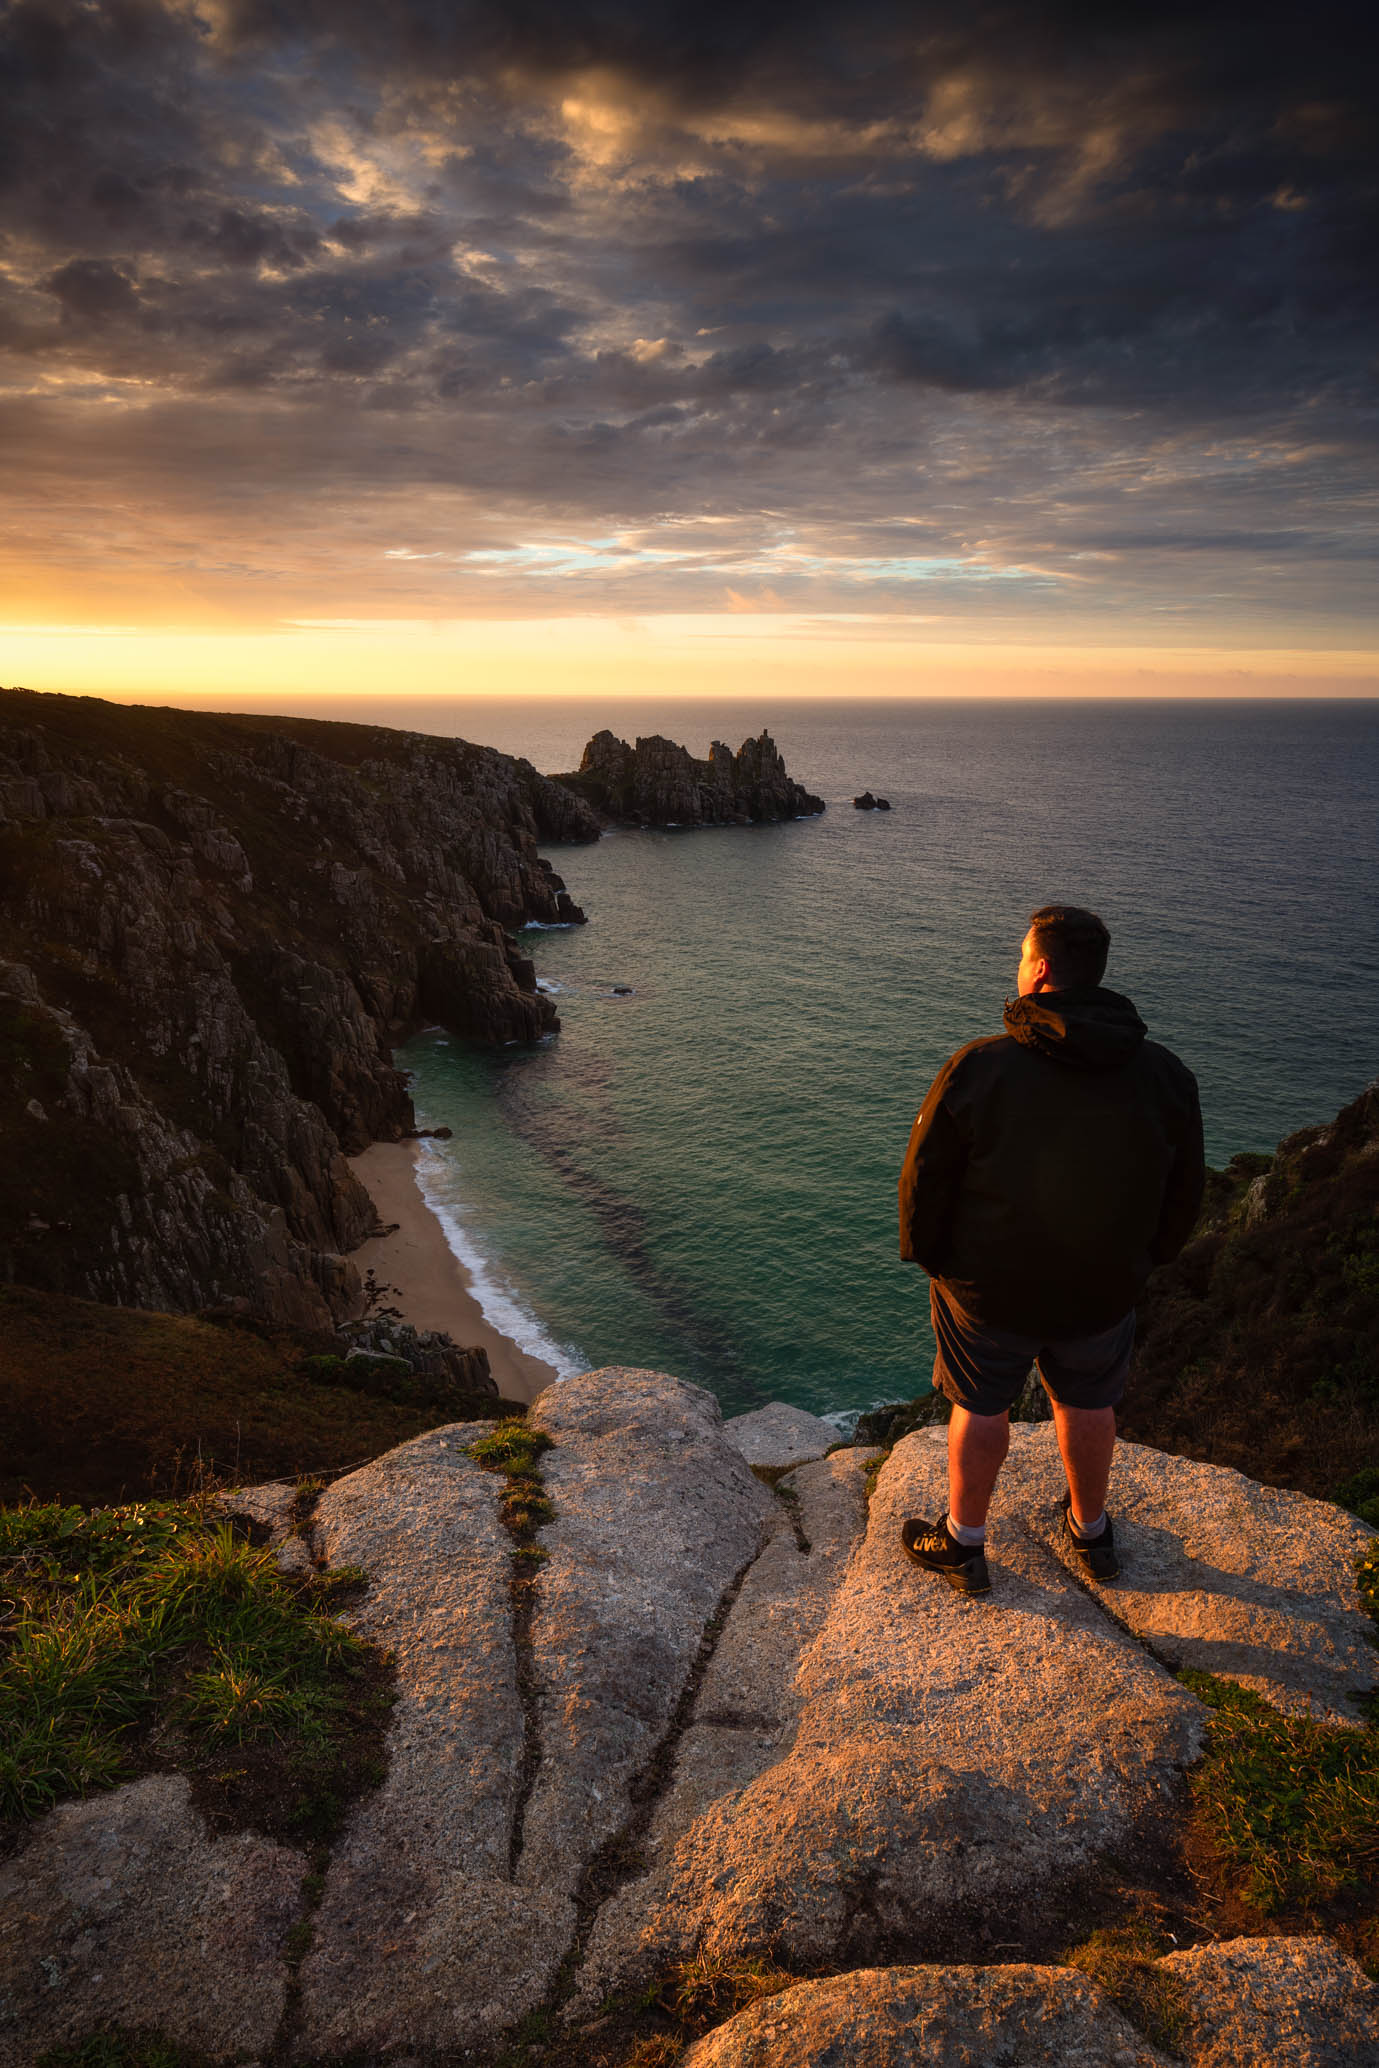 A Cornish Selfie